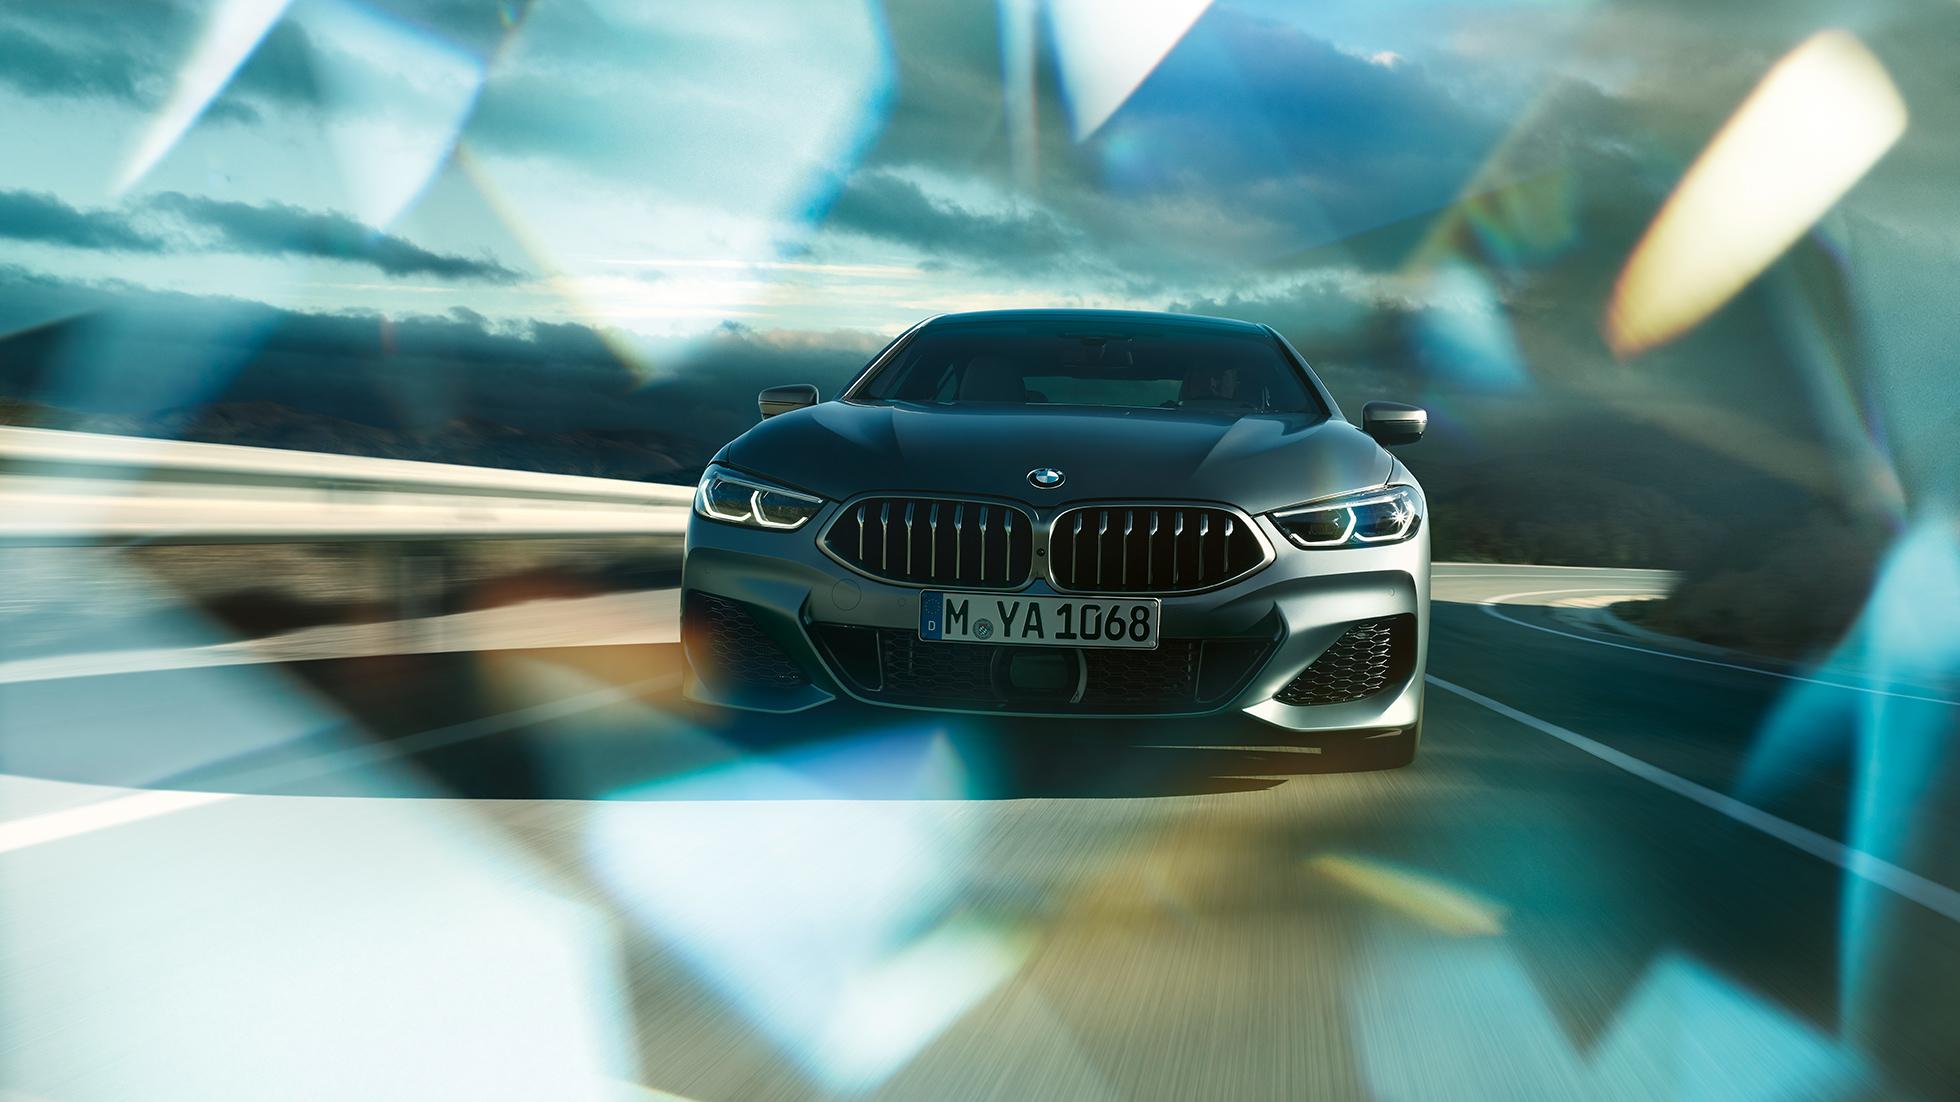 BMW Série 8 Gran Coupé, dynamique de conduite